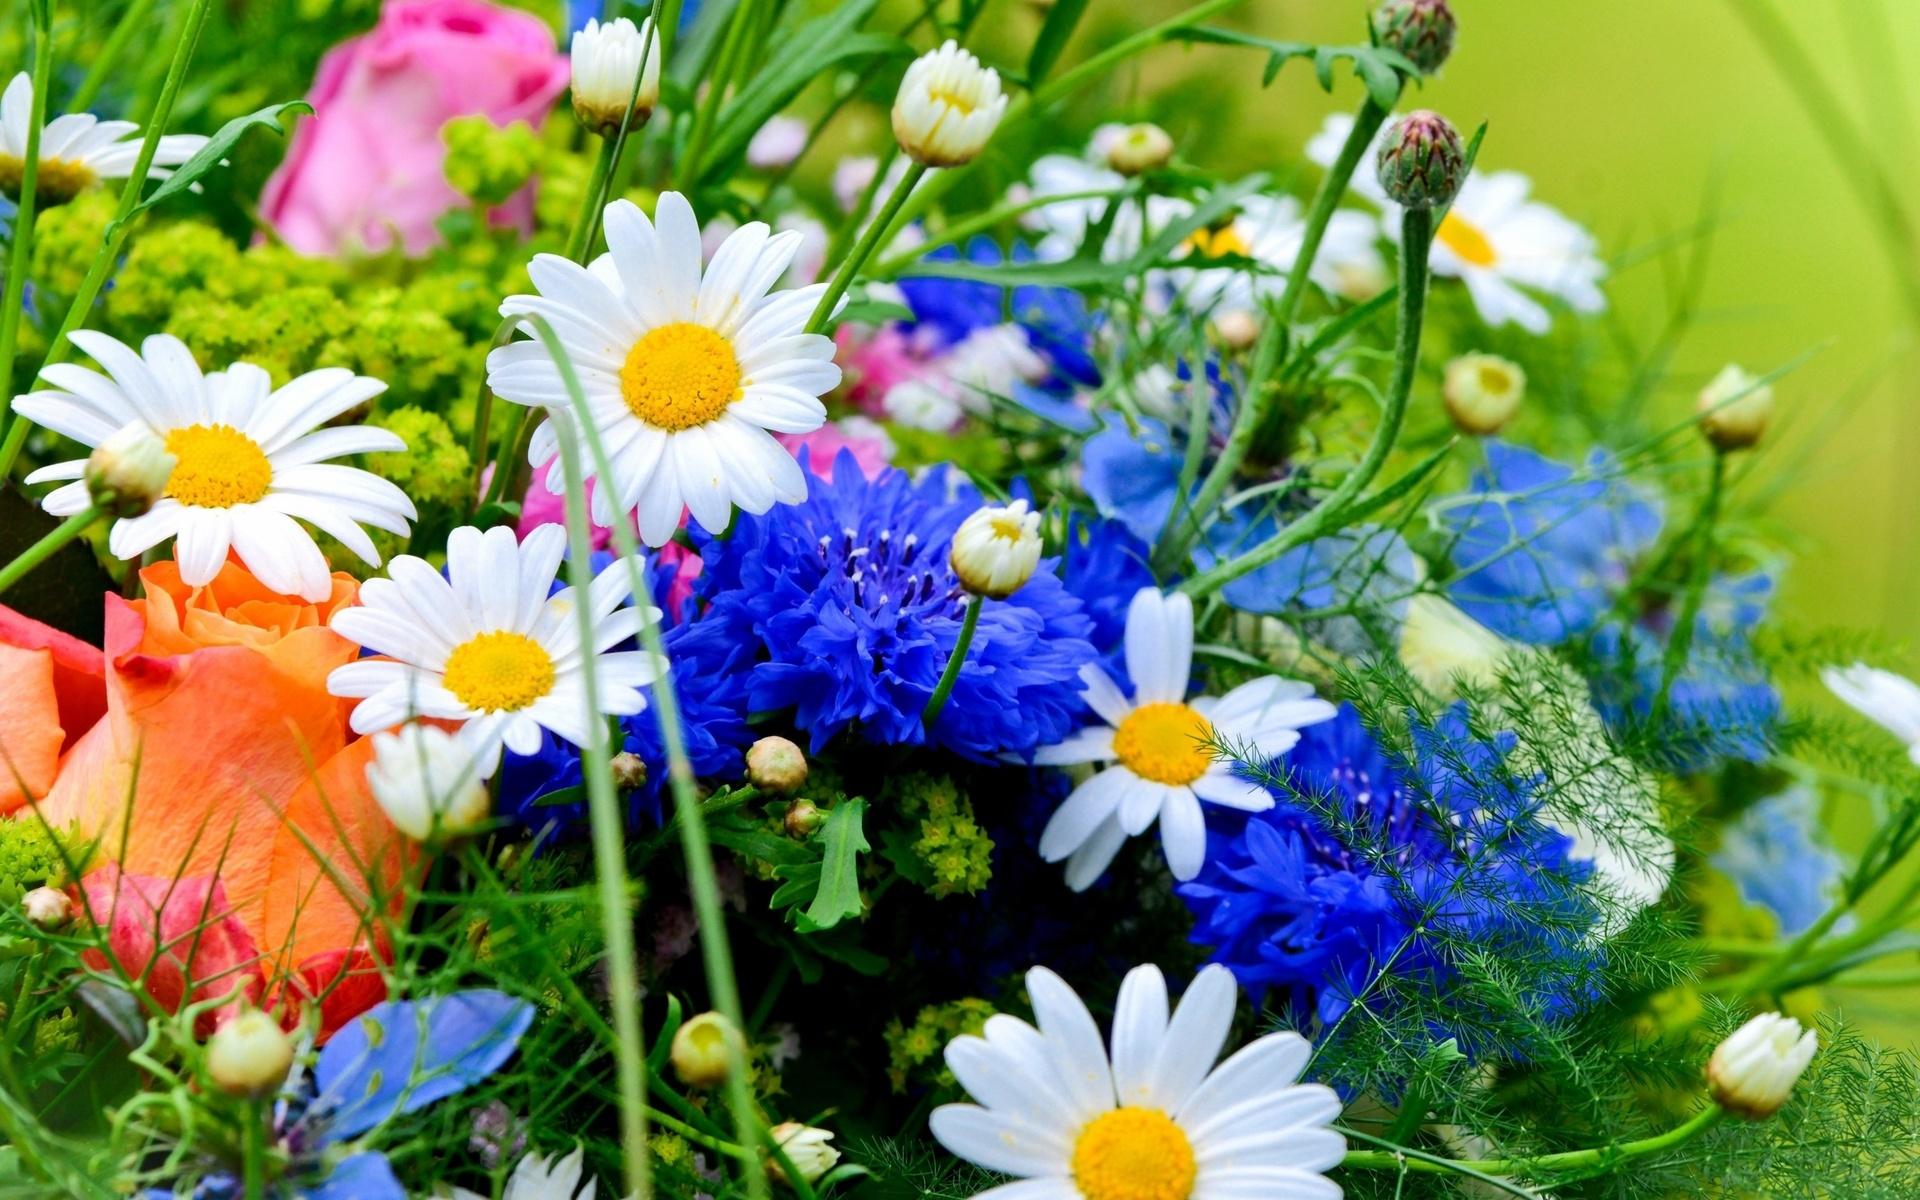 Картинки с цветами красивые хорошего качества, счастливая